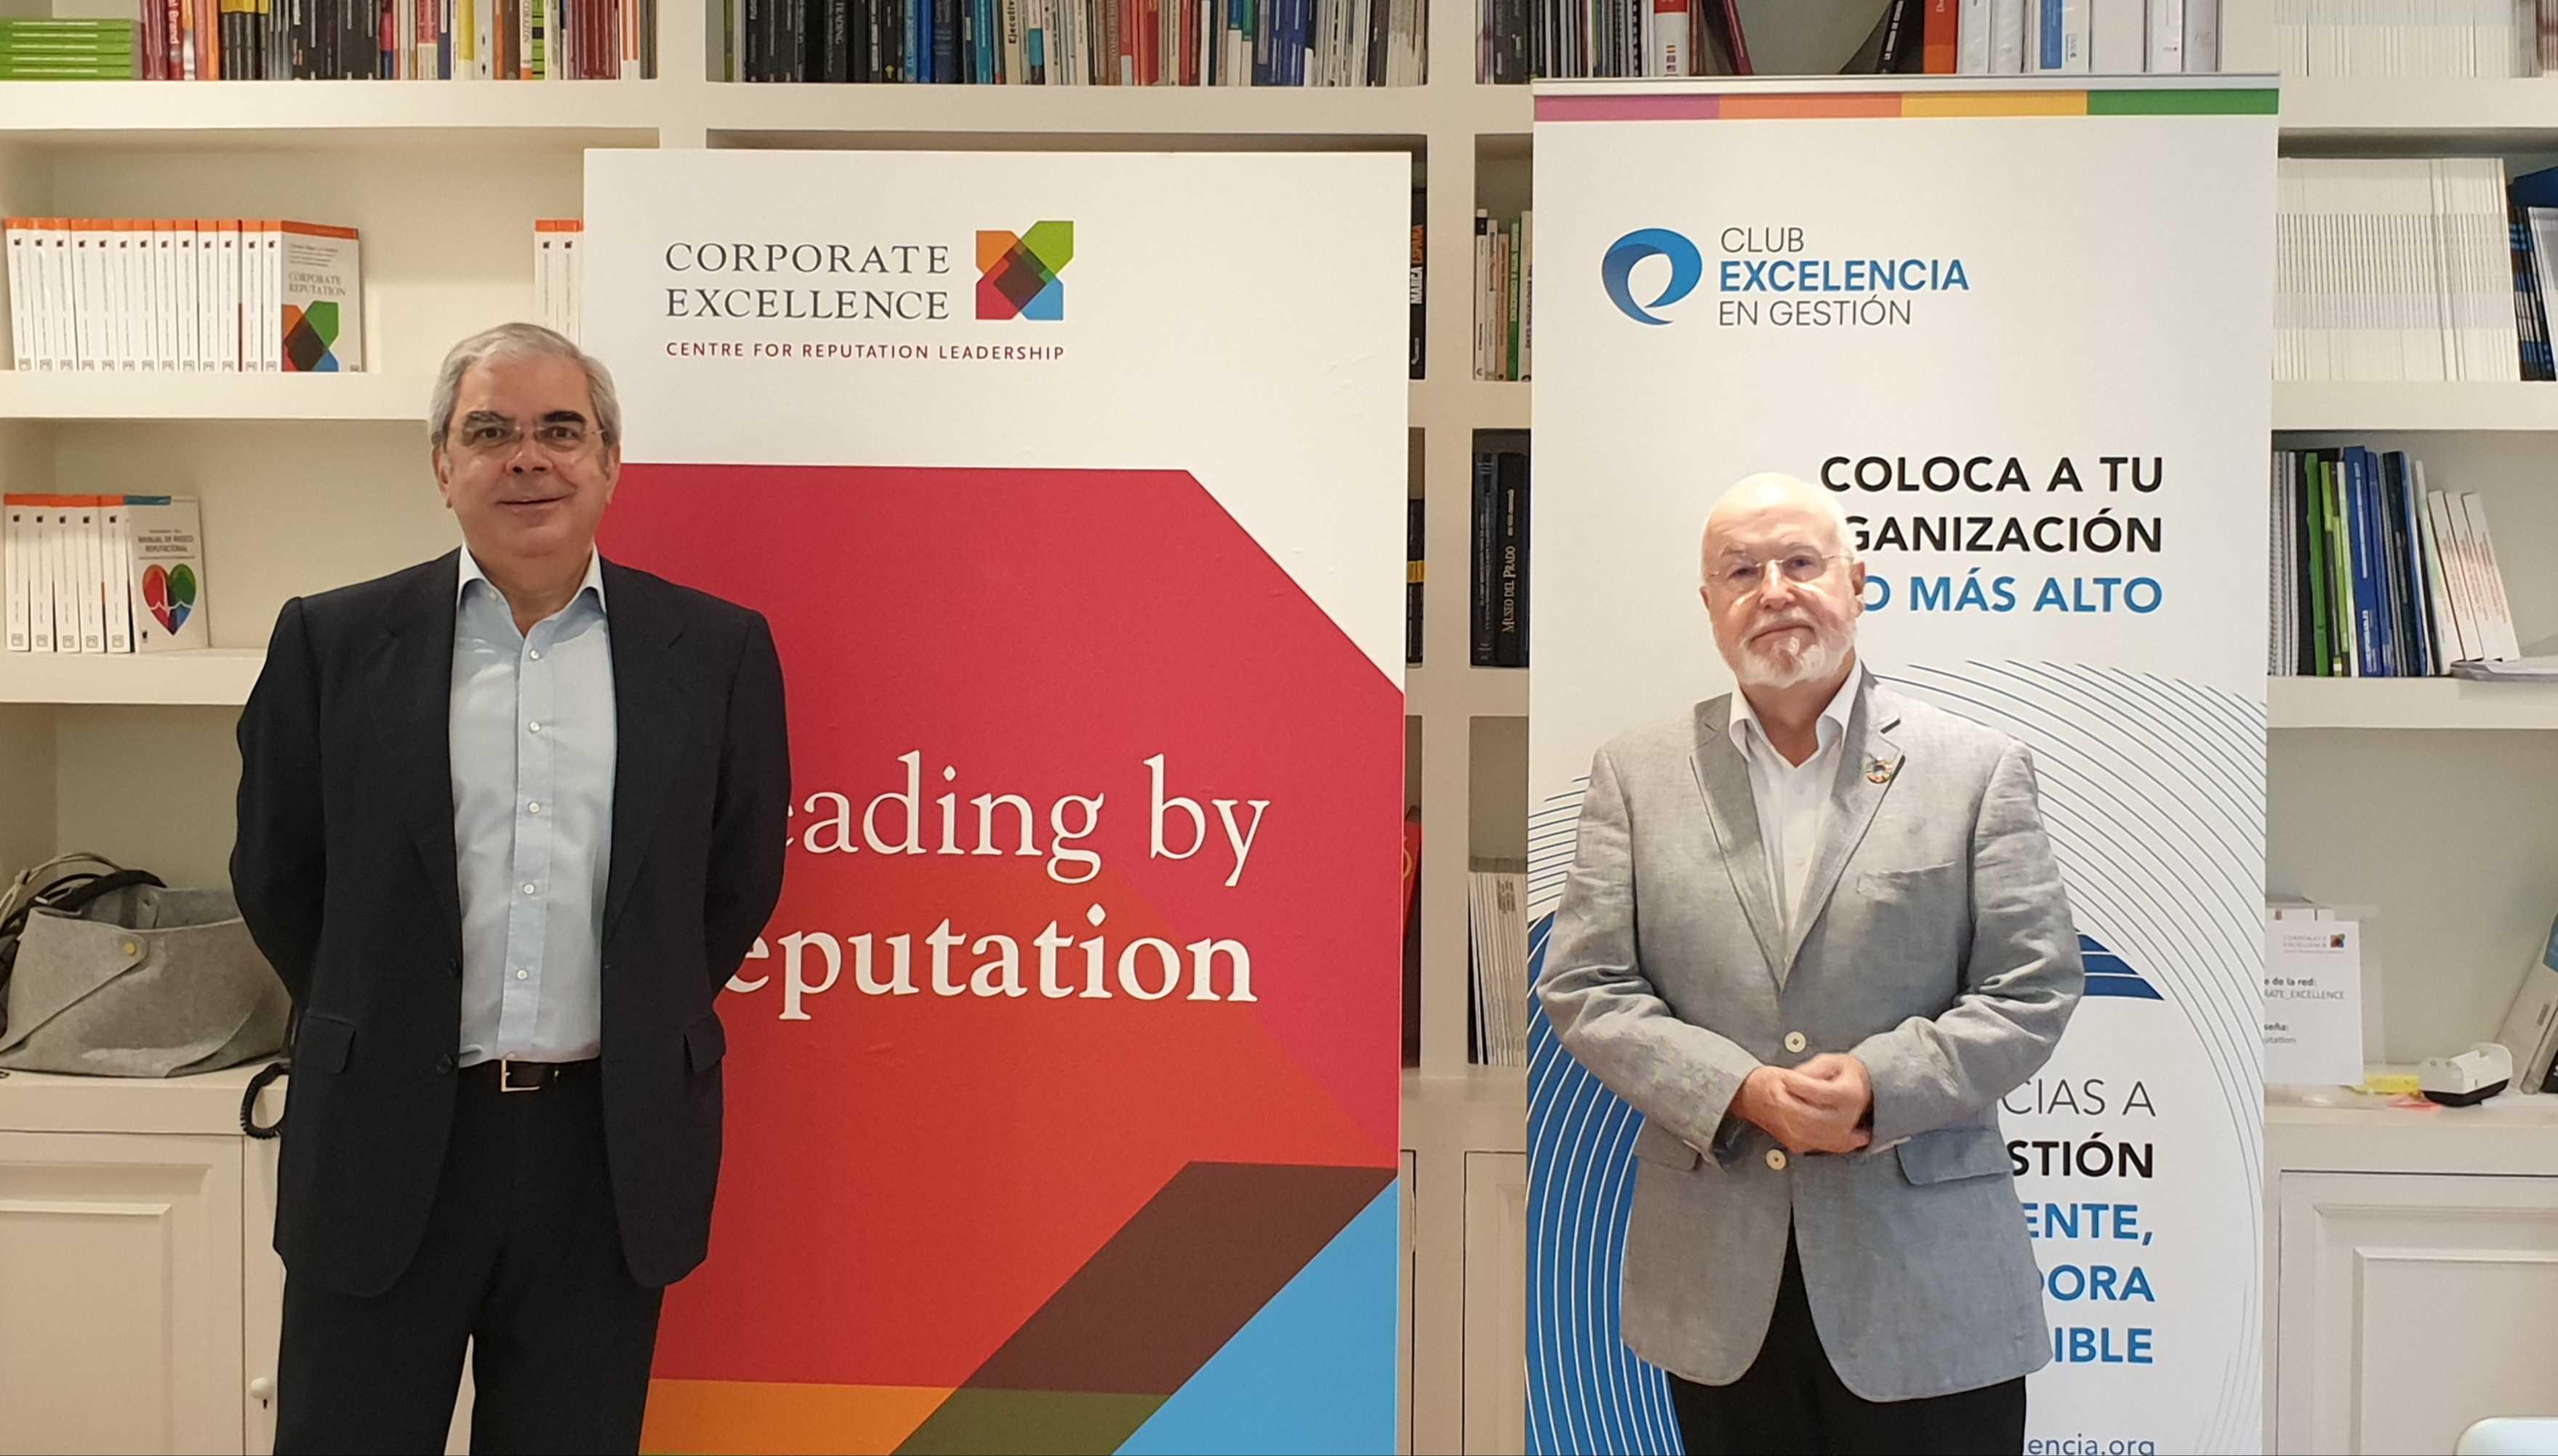 Corporate Excellence – Centre for Reputation Leadership y el Club Excelencia en Gestión firman un acuerdo de colaboración